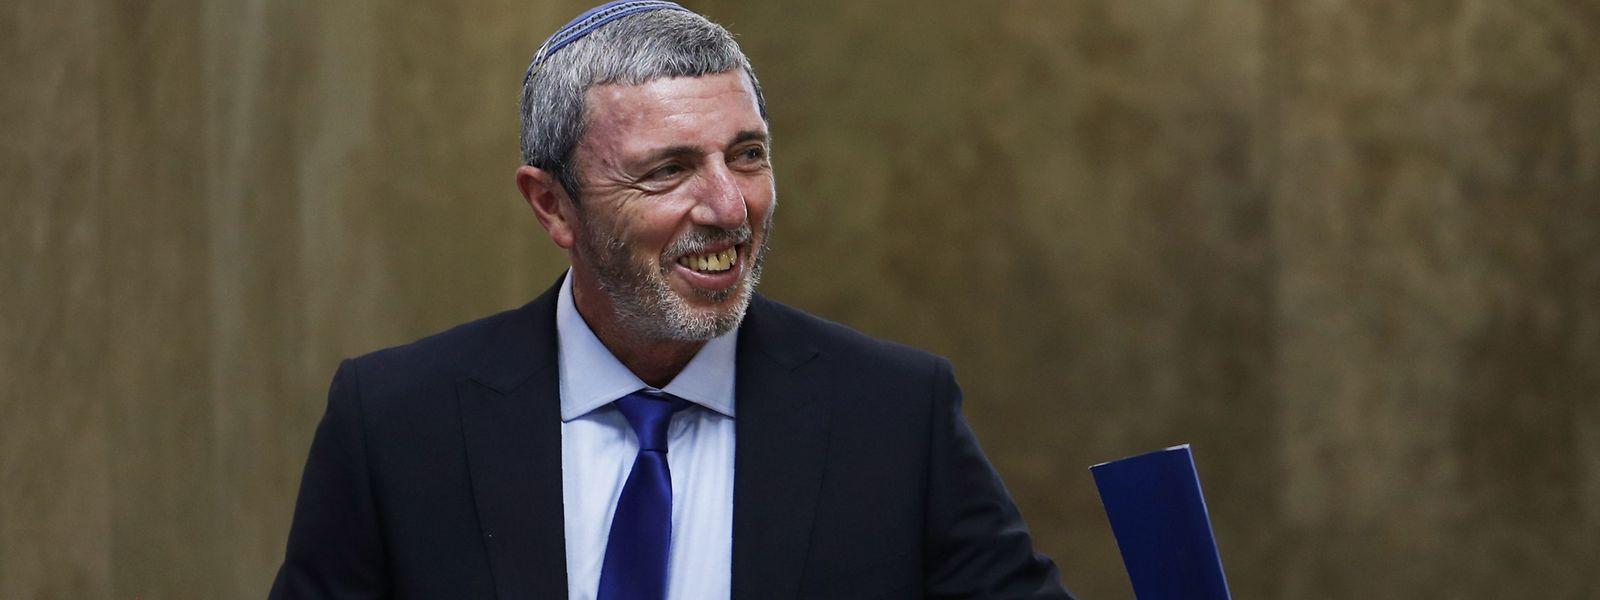 Rafi Peretz n'a pas reçu le soutien du Premier ministre israélien. Mais son départ du gouvernement ne semble pas à l'ordre du jour.